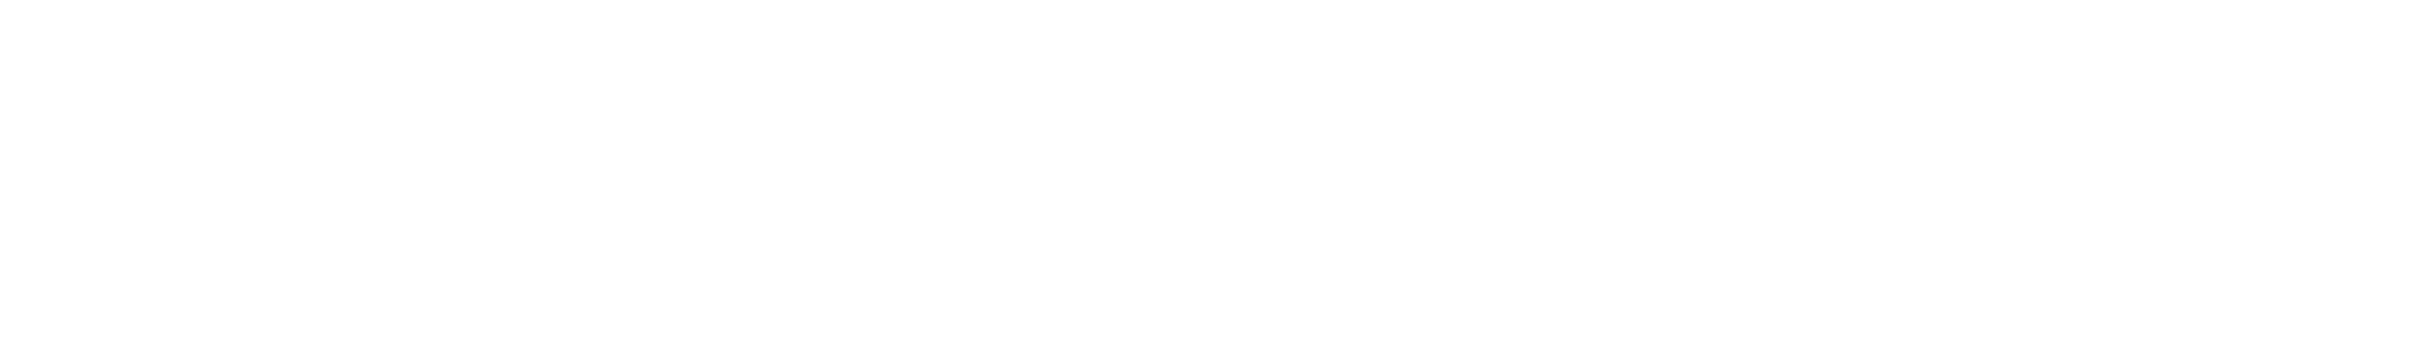 #DRIFTWARS